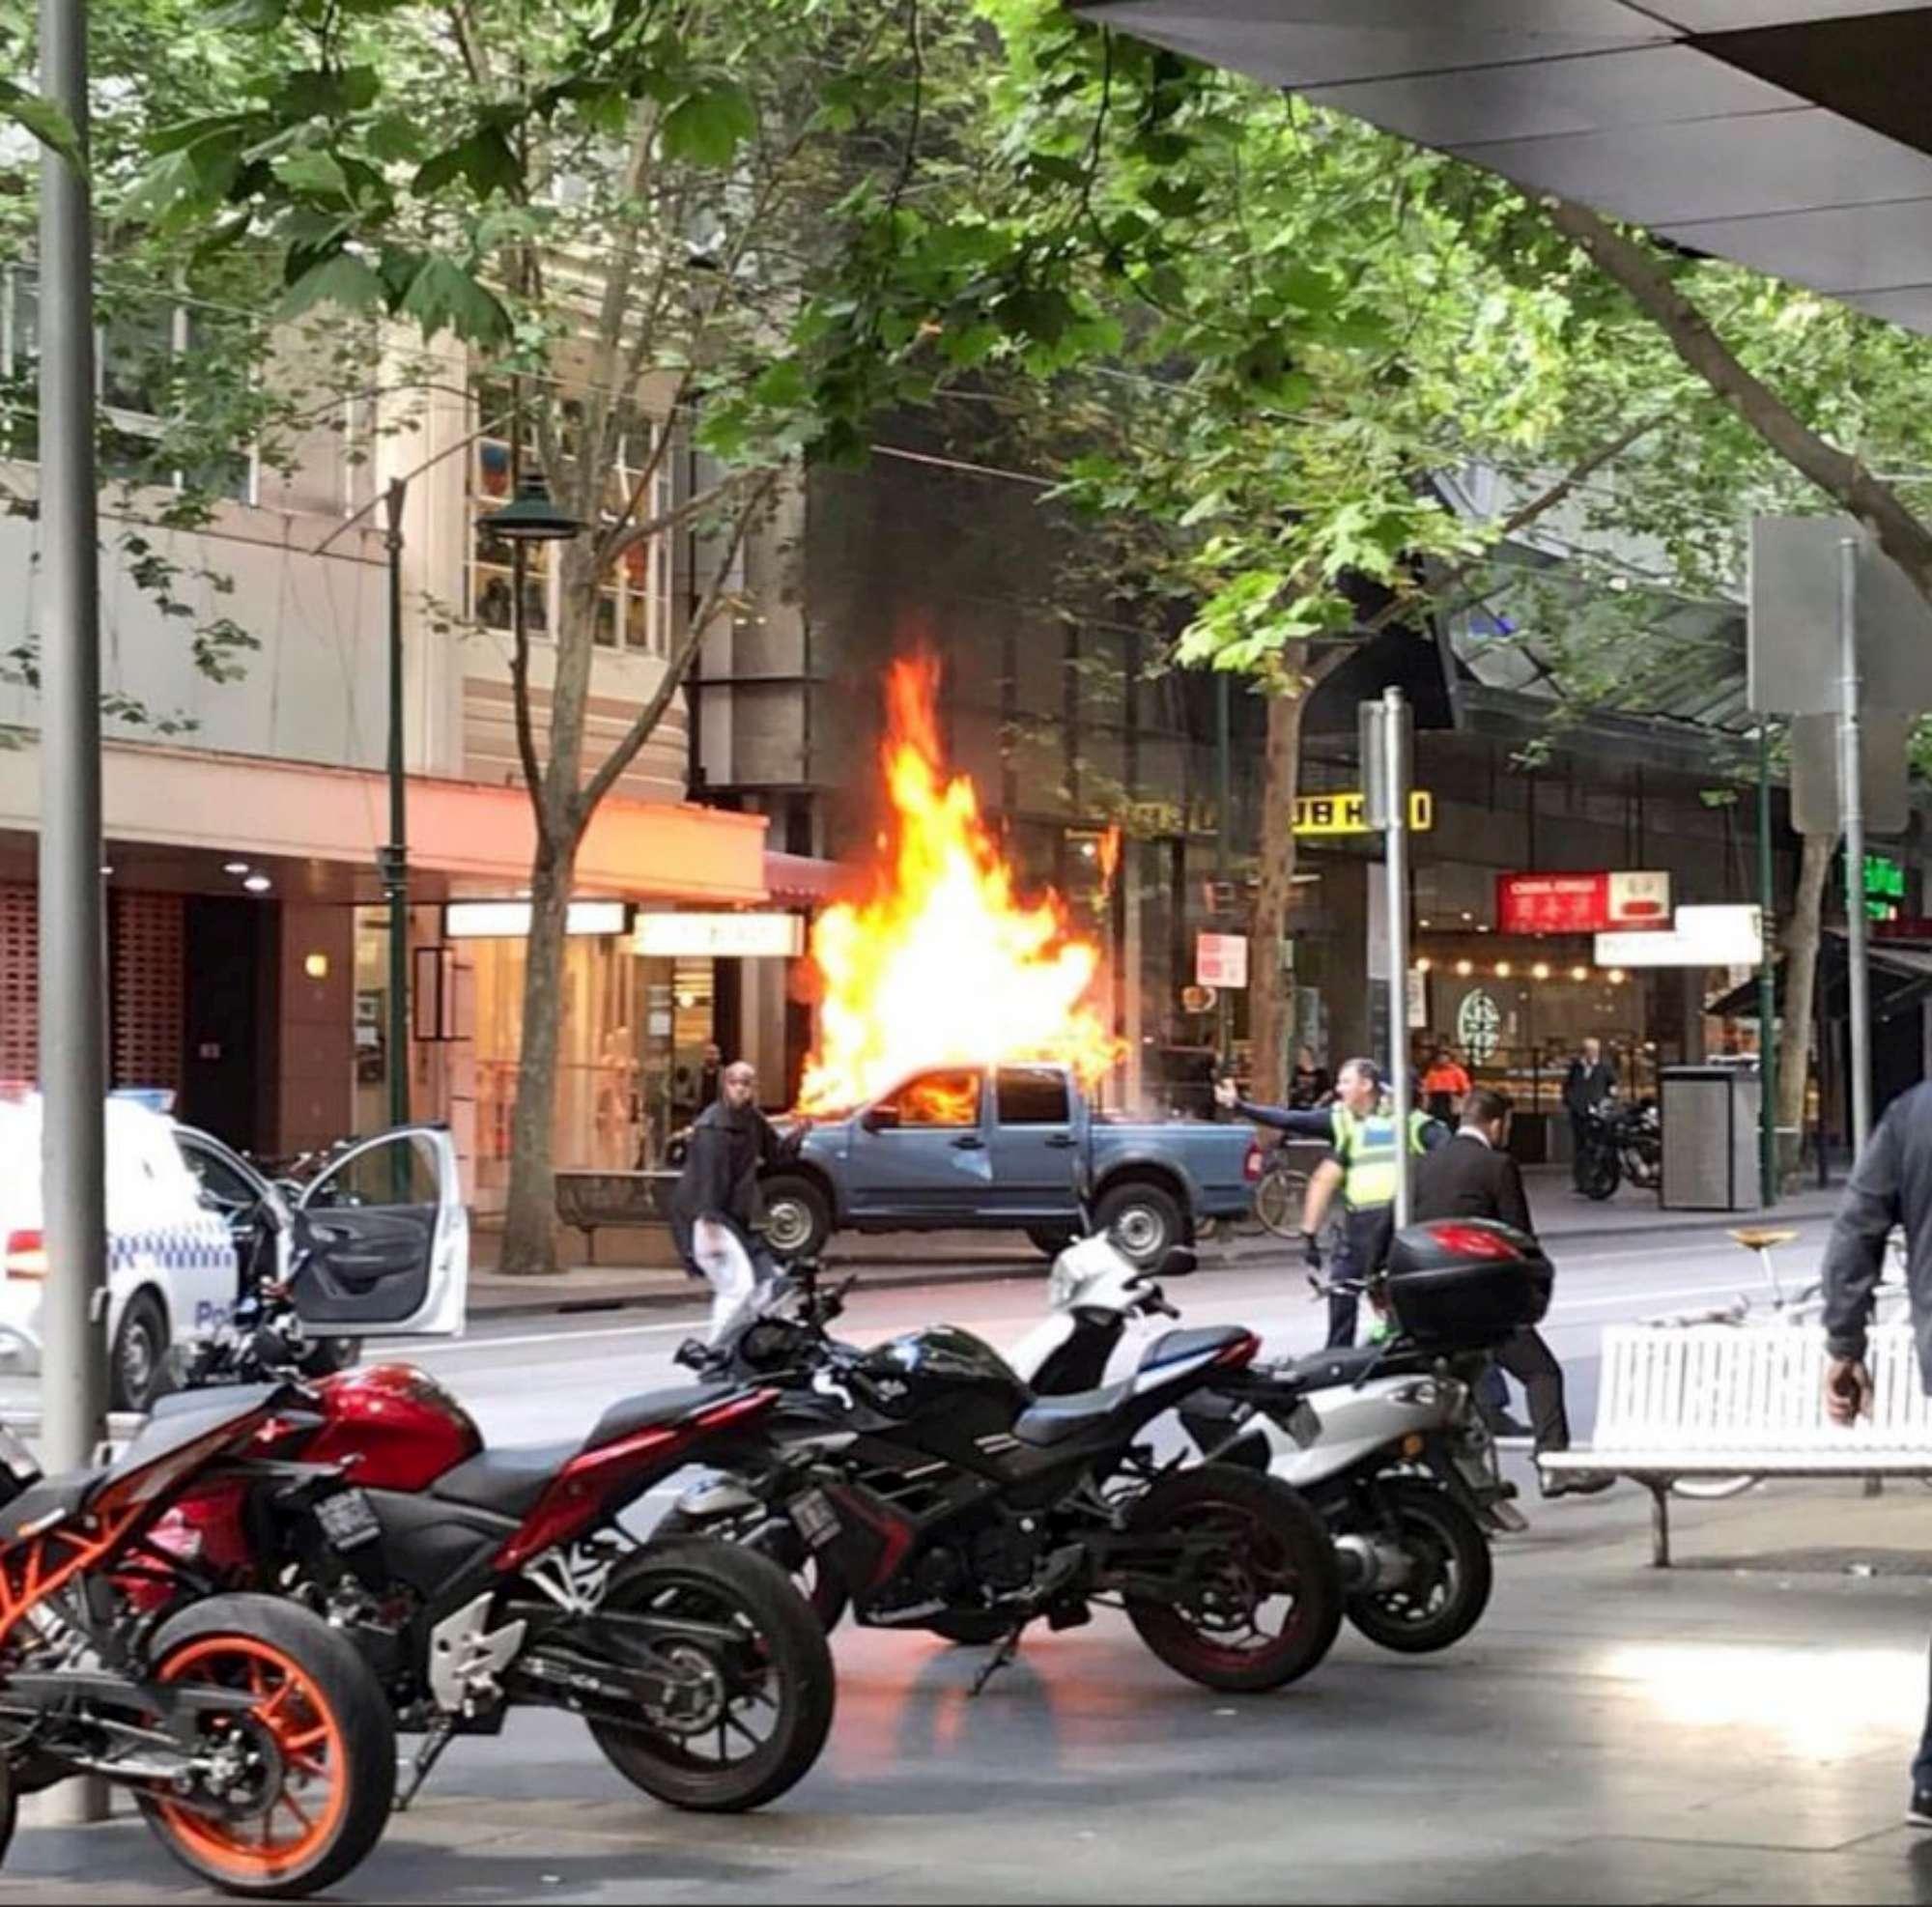 Australia, accoltella passanti in strada a Melbourne: un morto. Isis rivendica